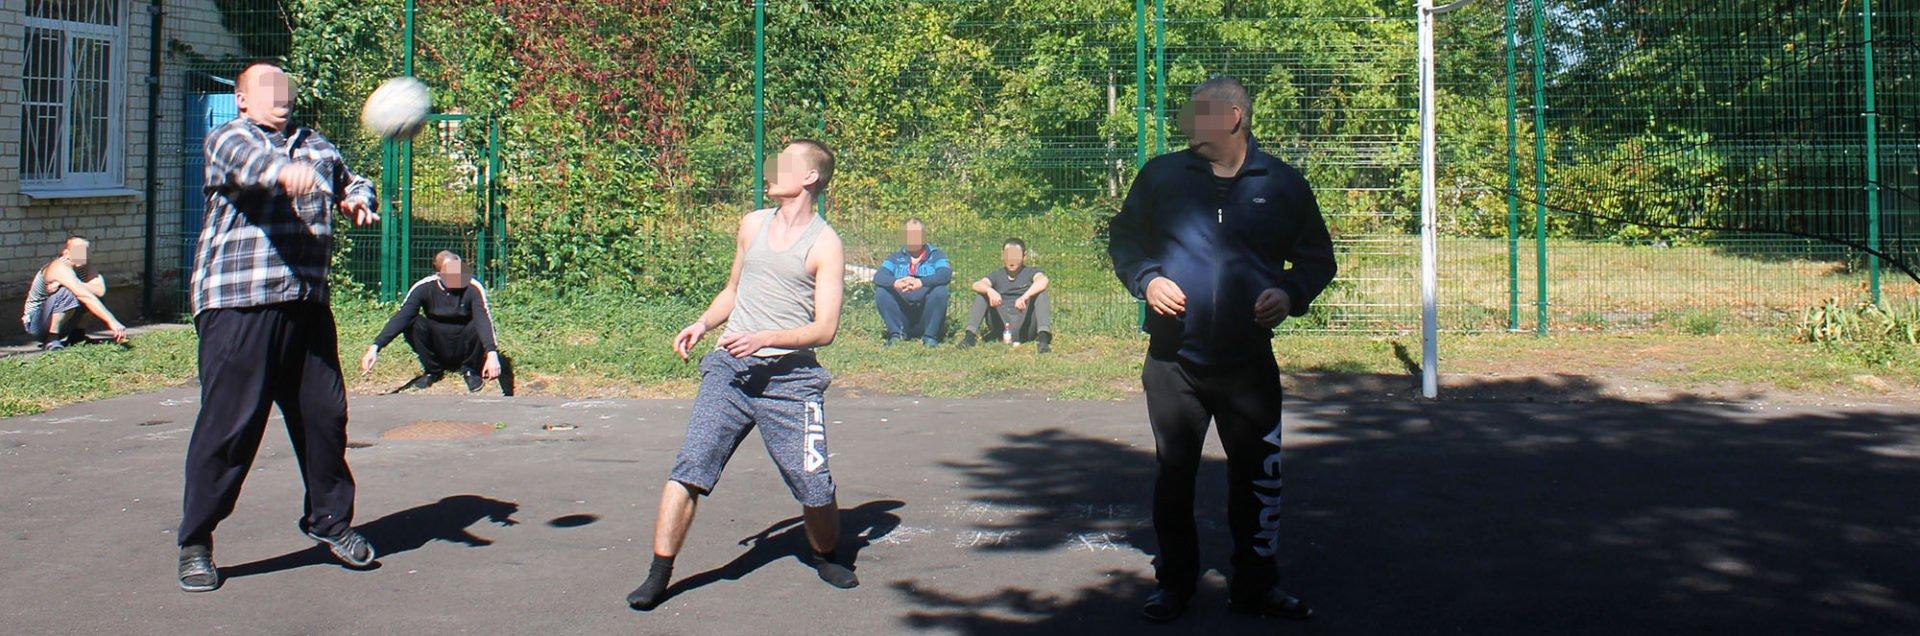 Пациенты 3 отделения провели товарищеский волейбольный матч